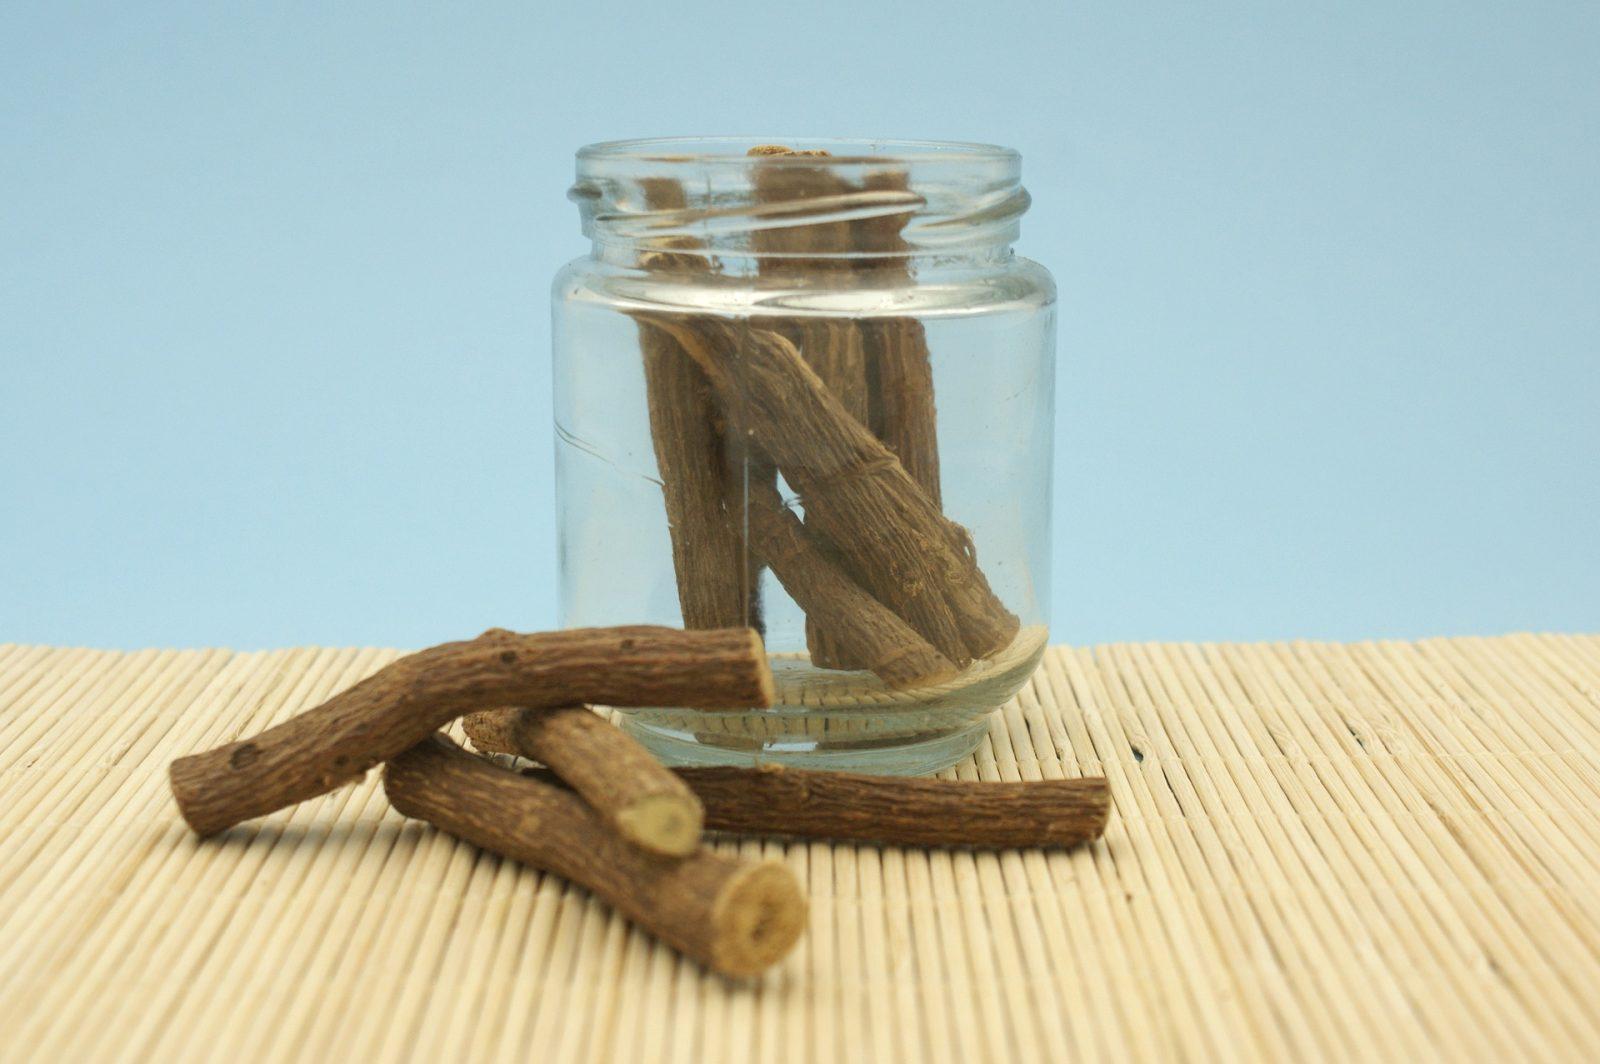 Halsschmerzen nach künstlicher Beatmung? Süßholzwurzel kann helfen